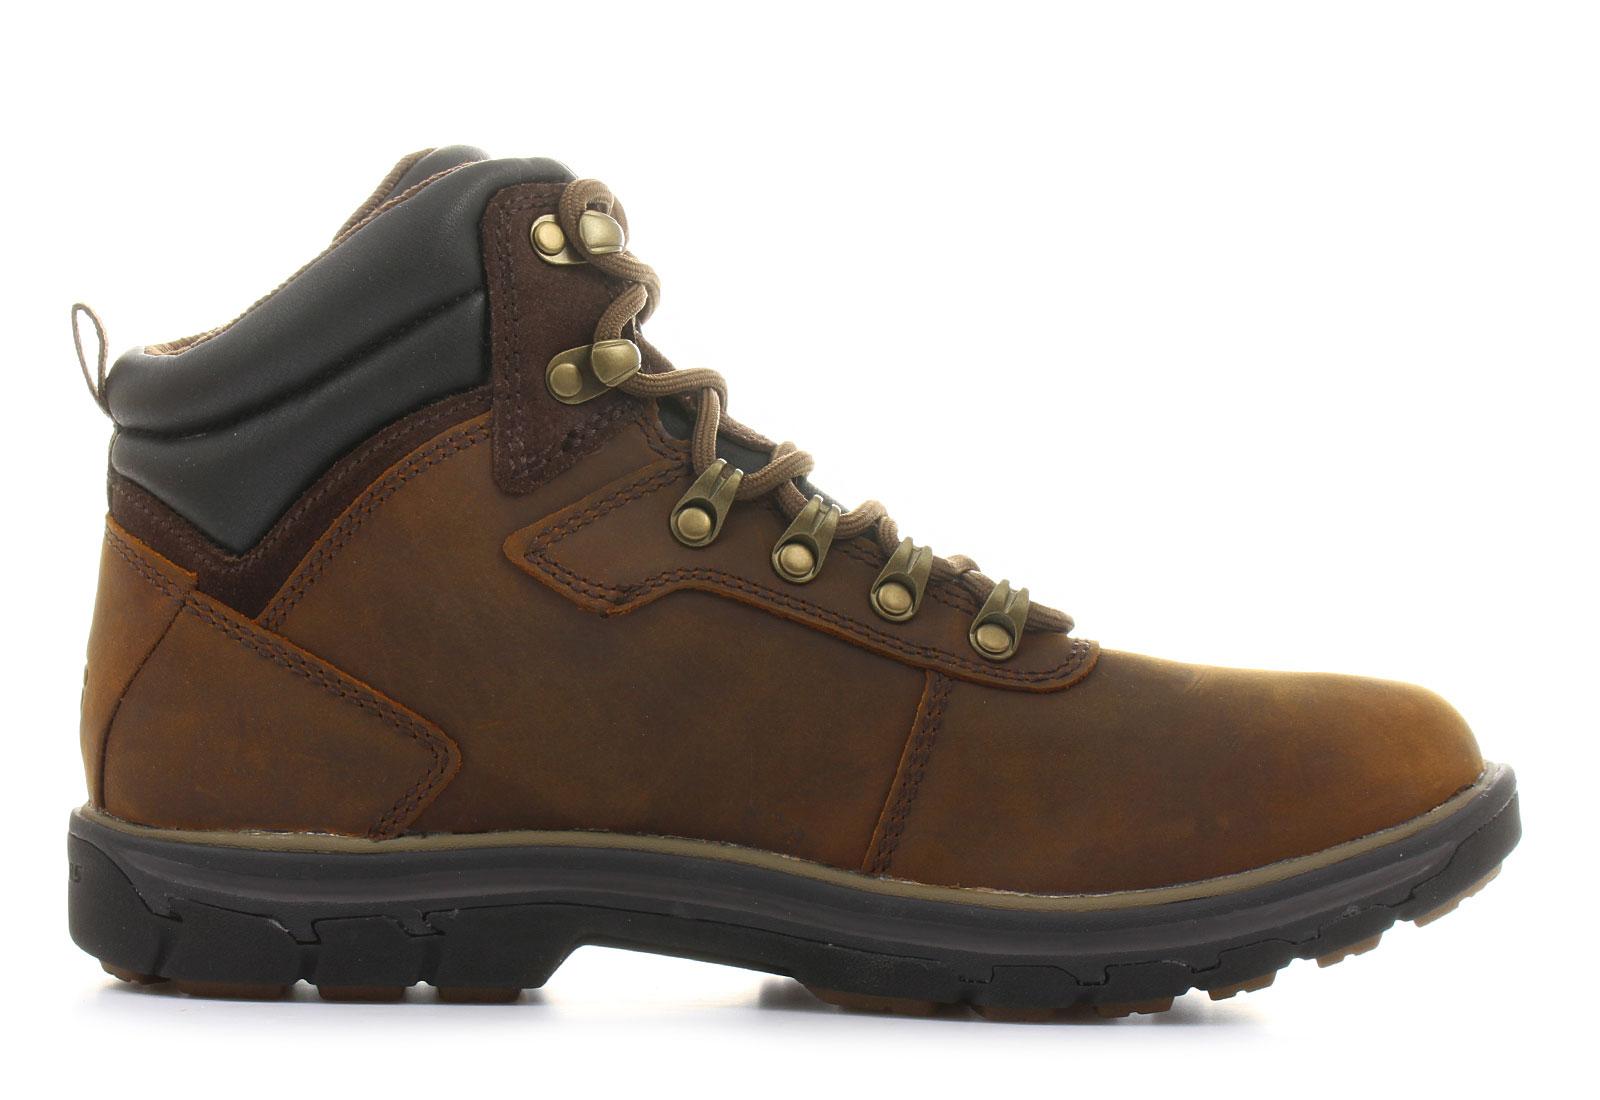 4554c7980e Skechers Bakancs - Ander - 64521-cdb - Office Shoes Magyarország